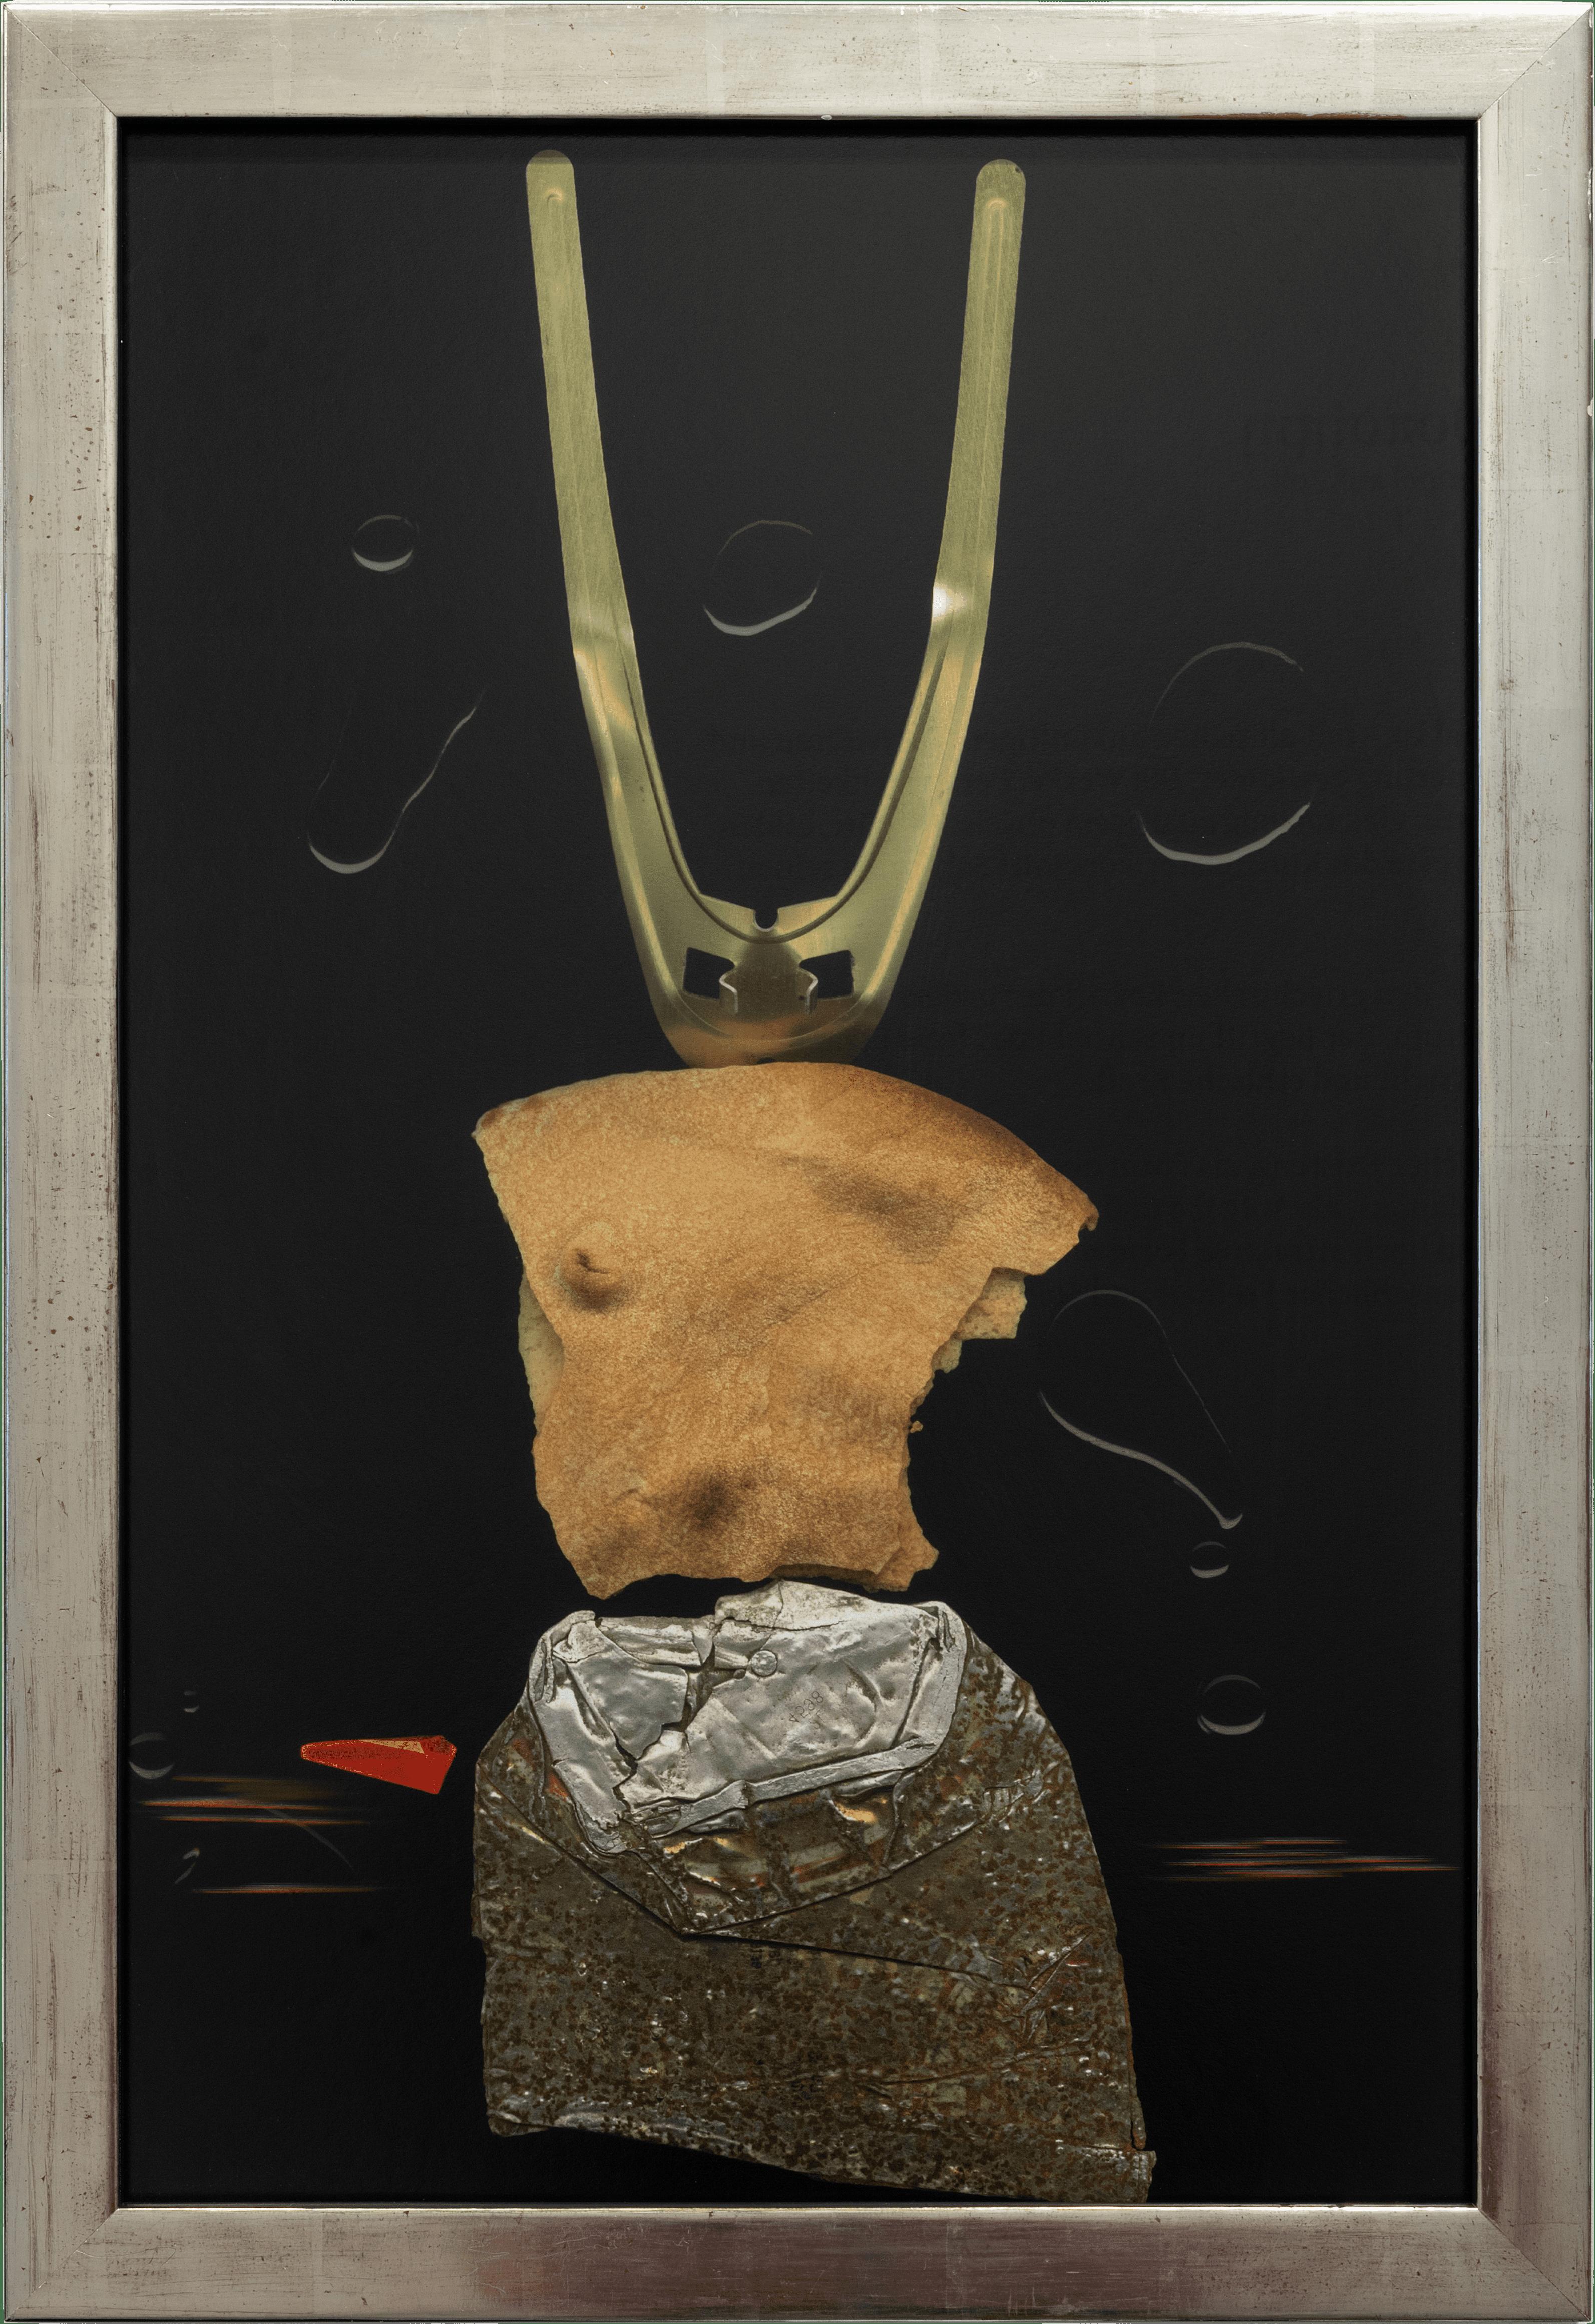 Hilarion Manero - Kleiner Odysseus oder kleine Amazone